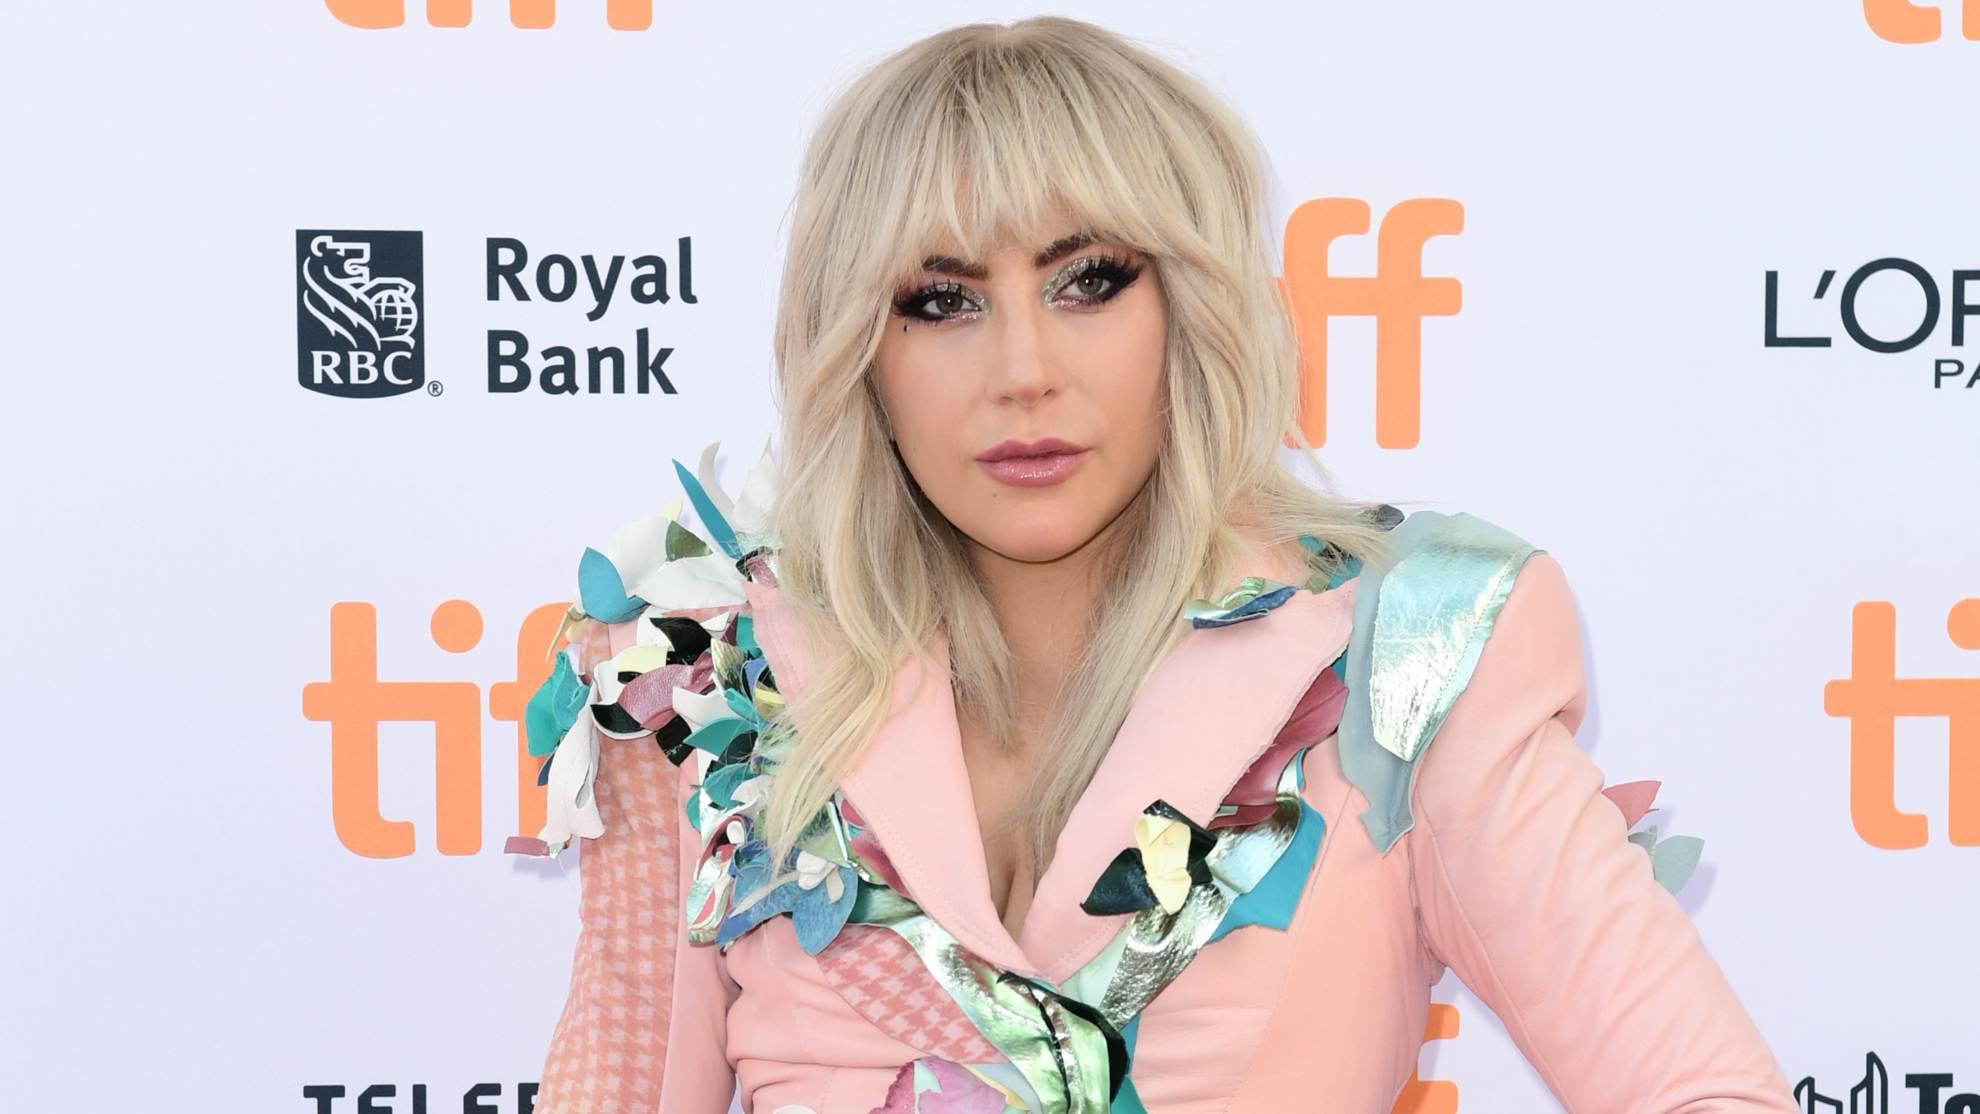 ליידי גאגא חושפת שהיא סובלת ממחלה כרונית